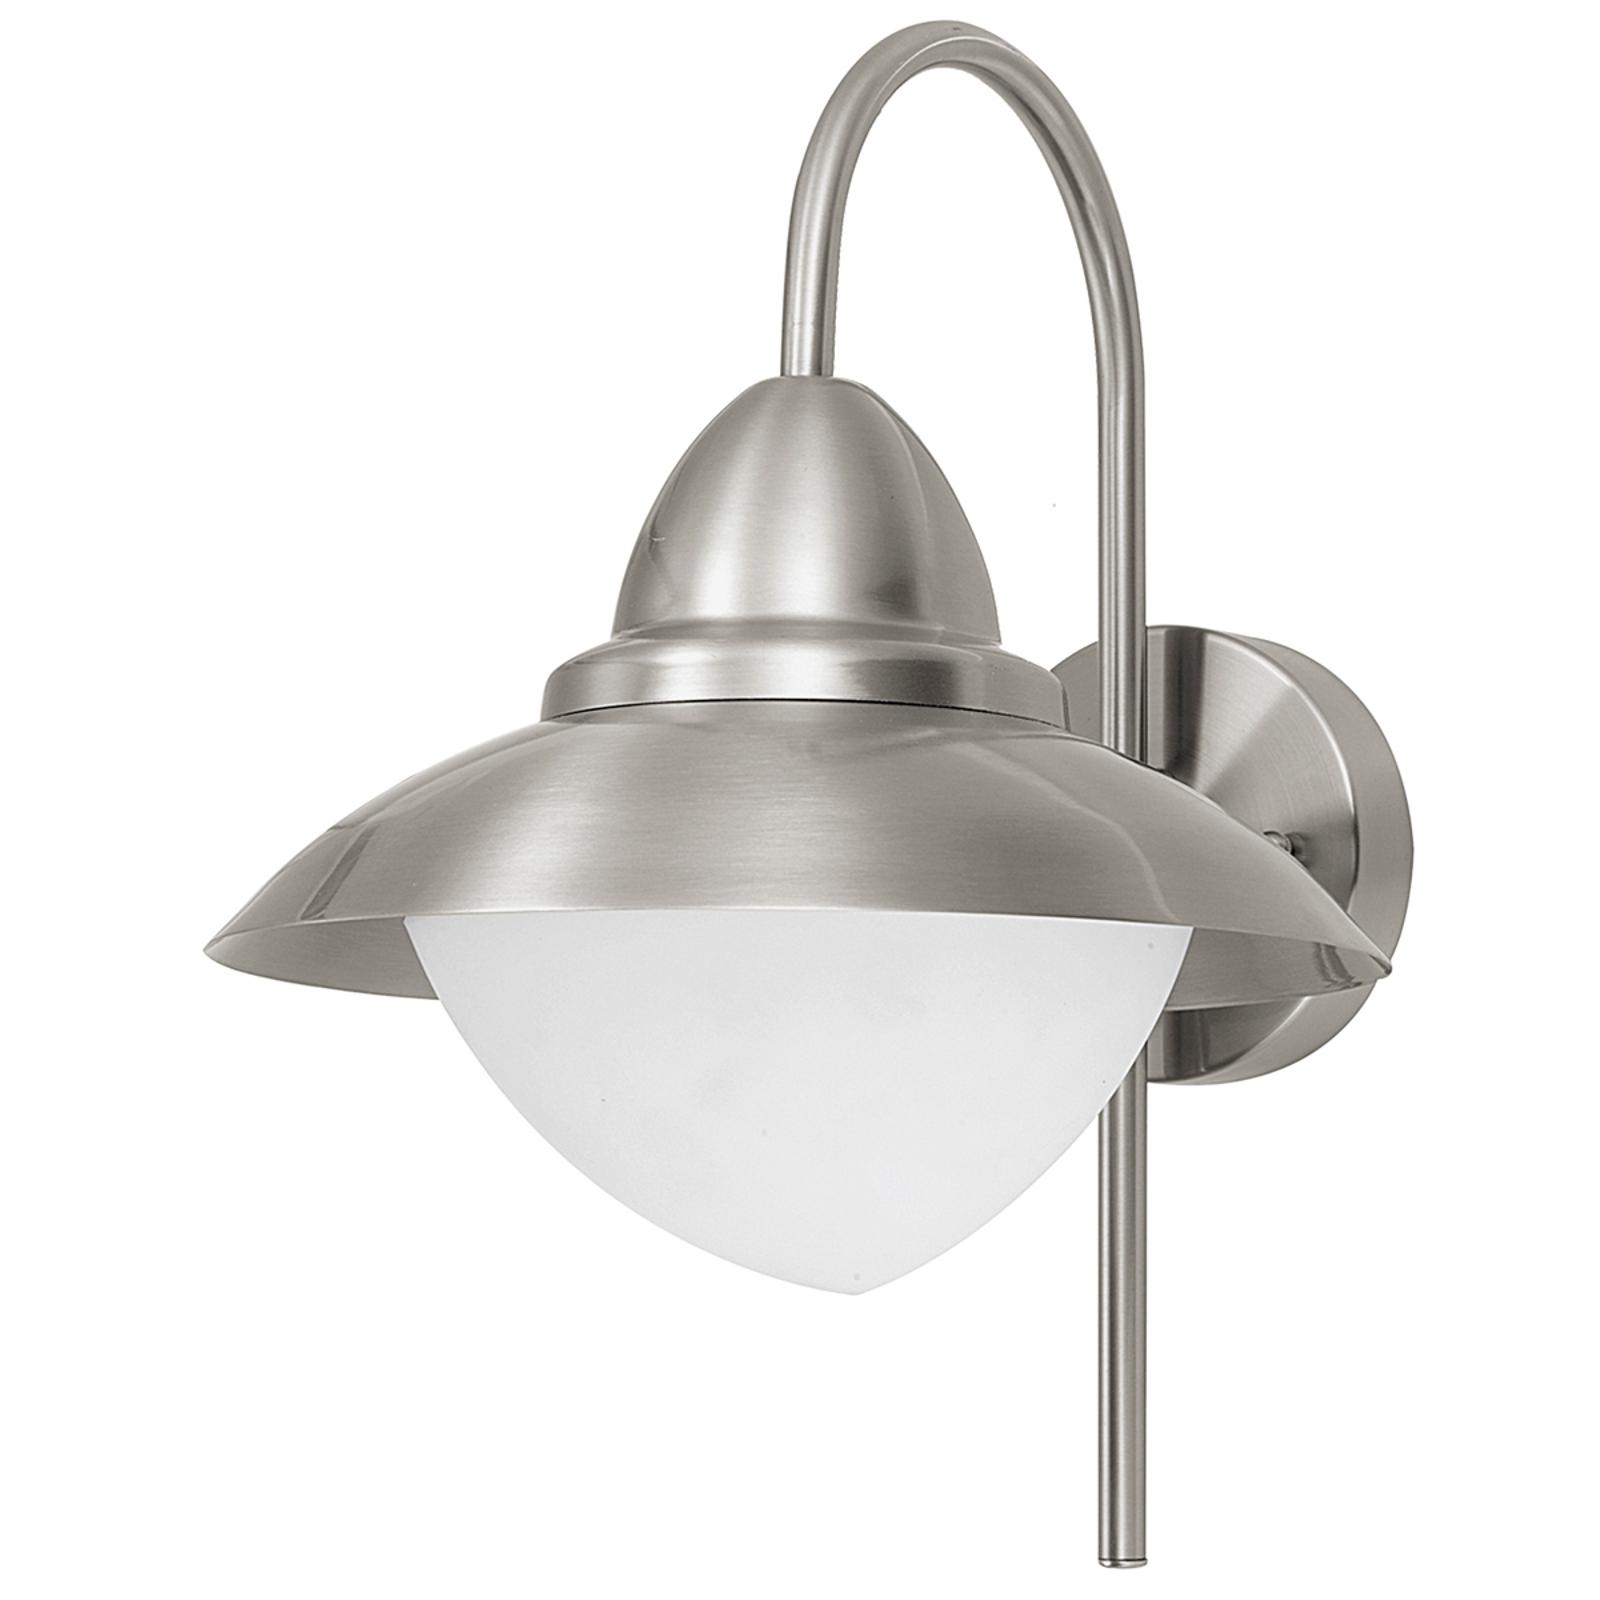 Energisk udformet Sidney væglampe